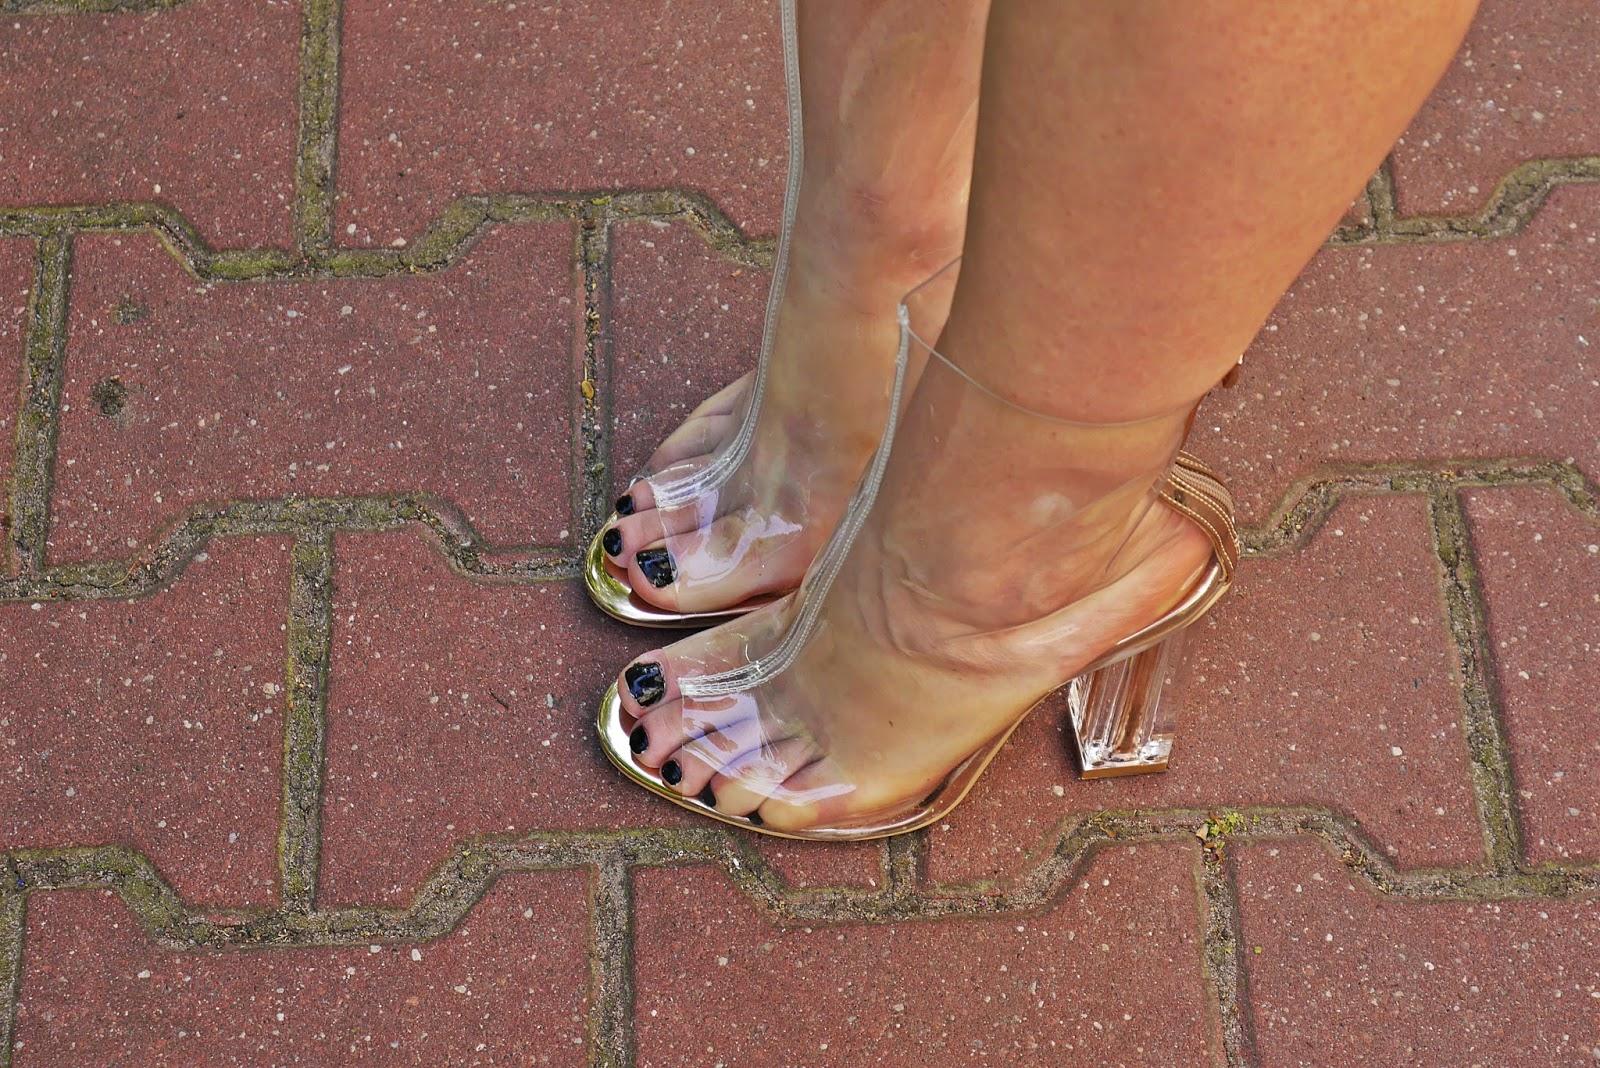 yezzy_boots_przezroczyste_botki_transparent_gamiss_shoes_050617